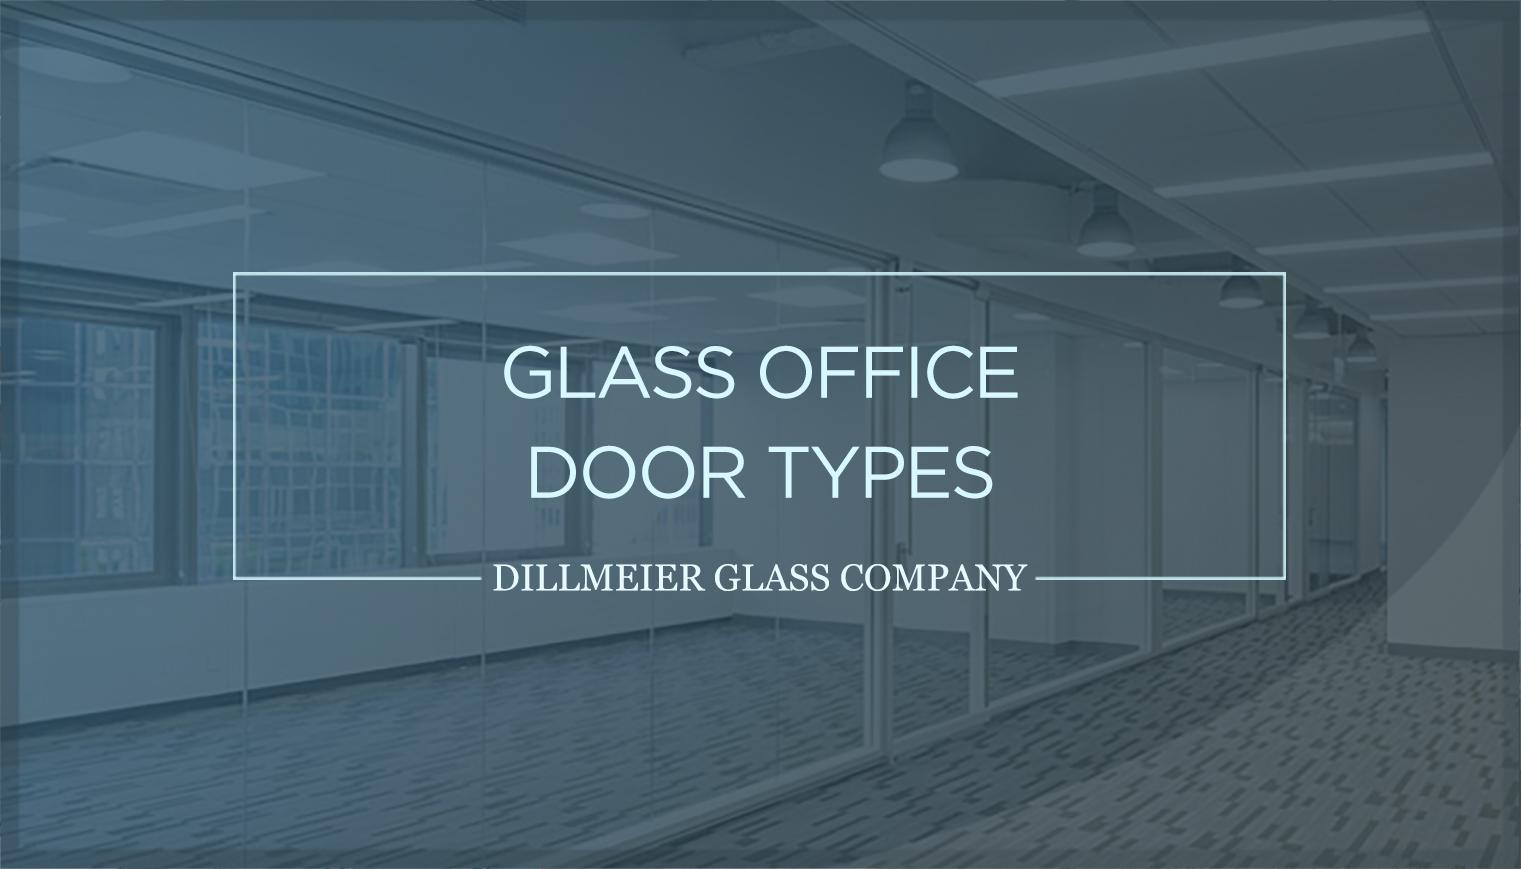 Glass Office Door Types